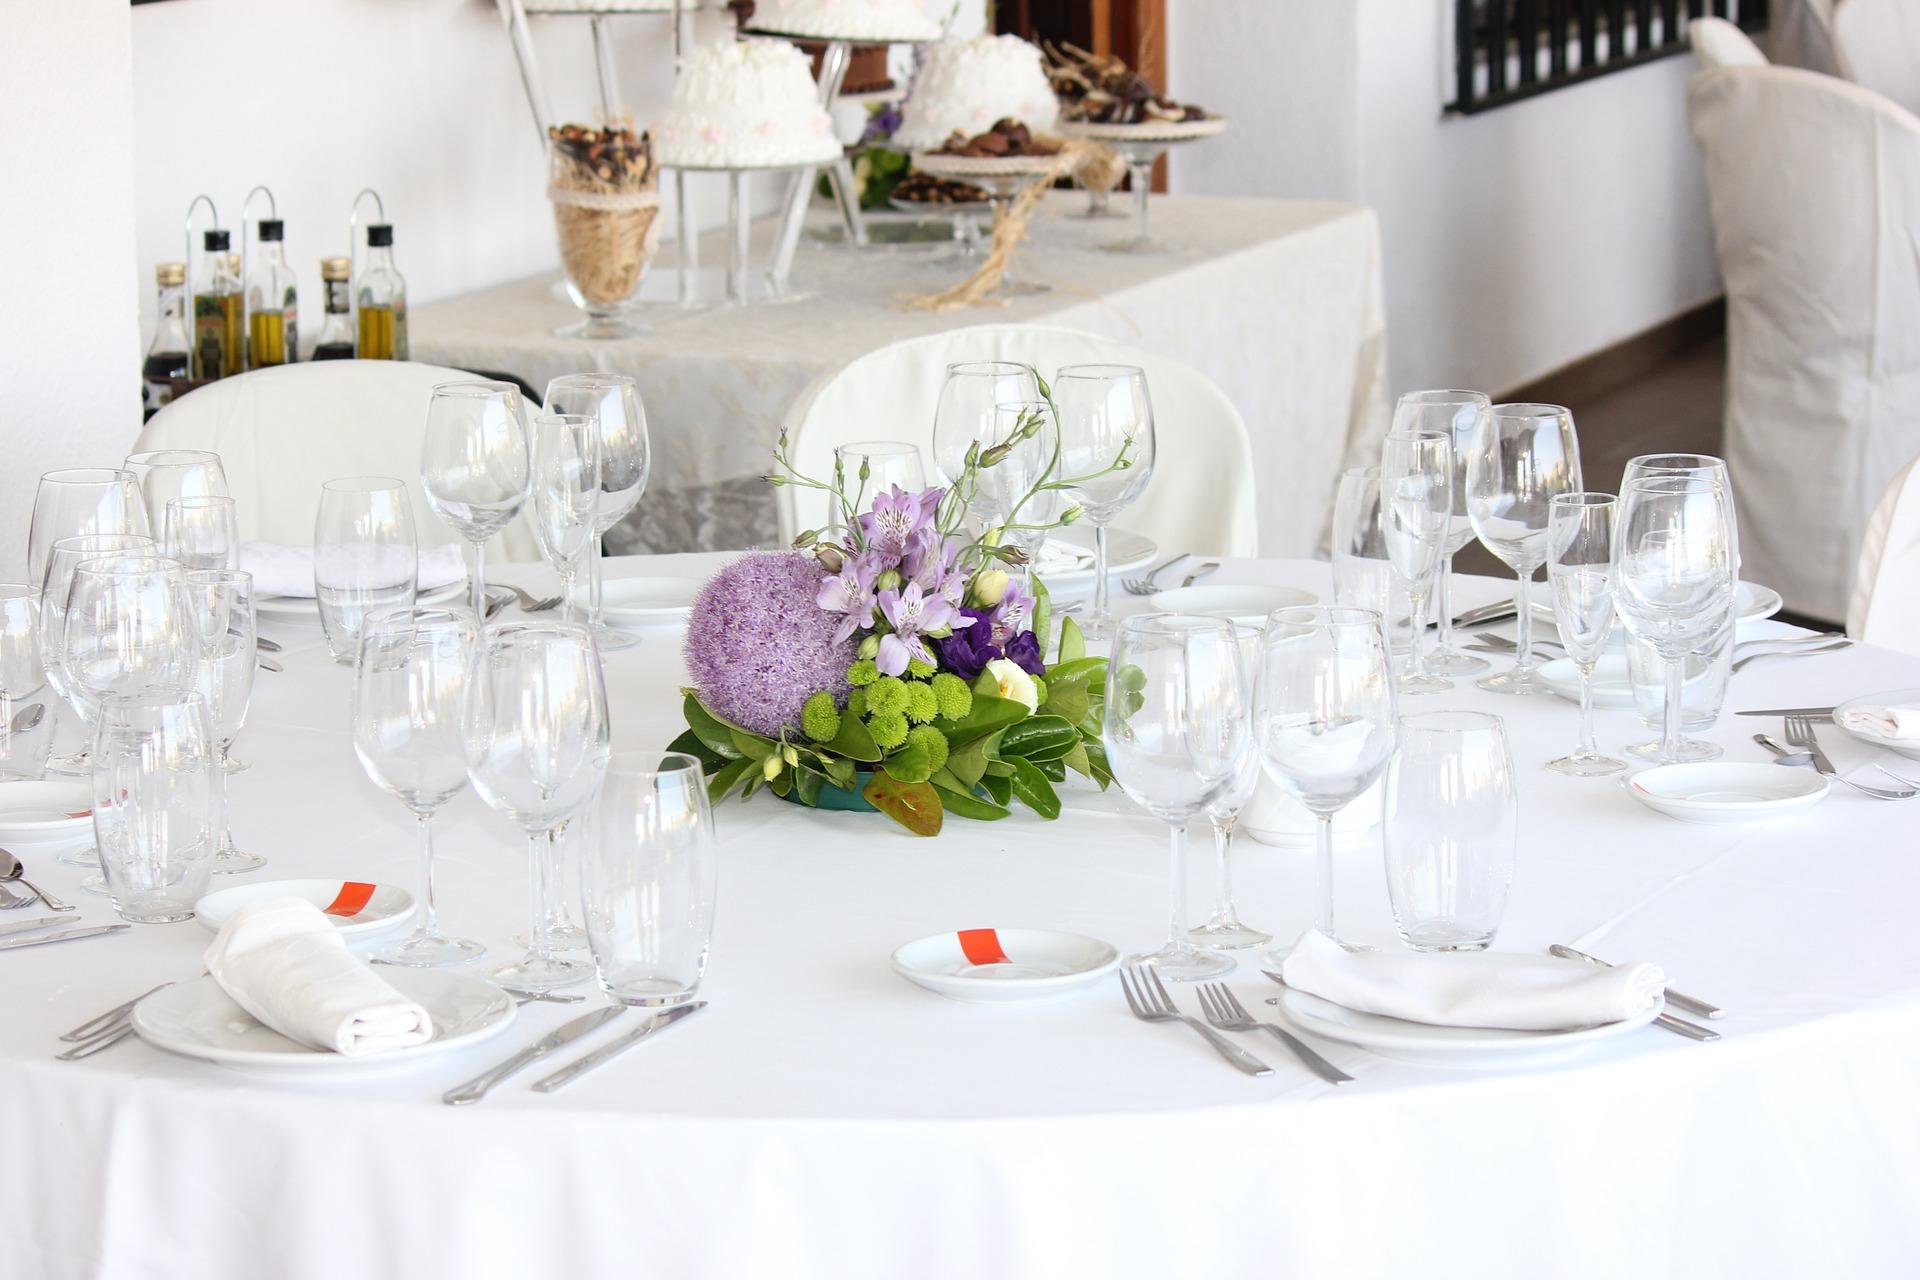 Come preparare la tavola seguendo le regole del bon ton - Le regole del bon ton a tavola ...